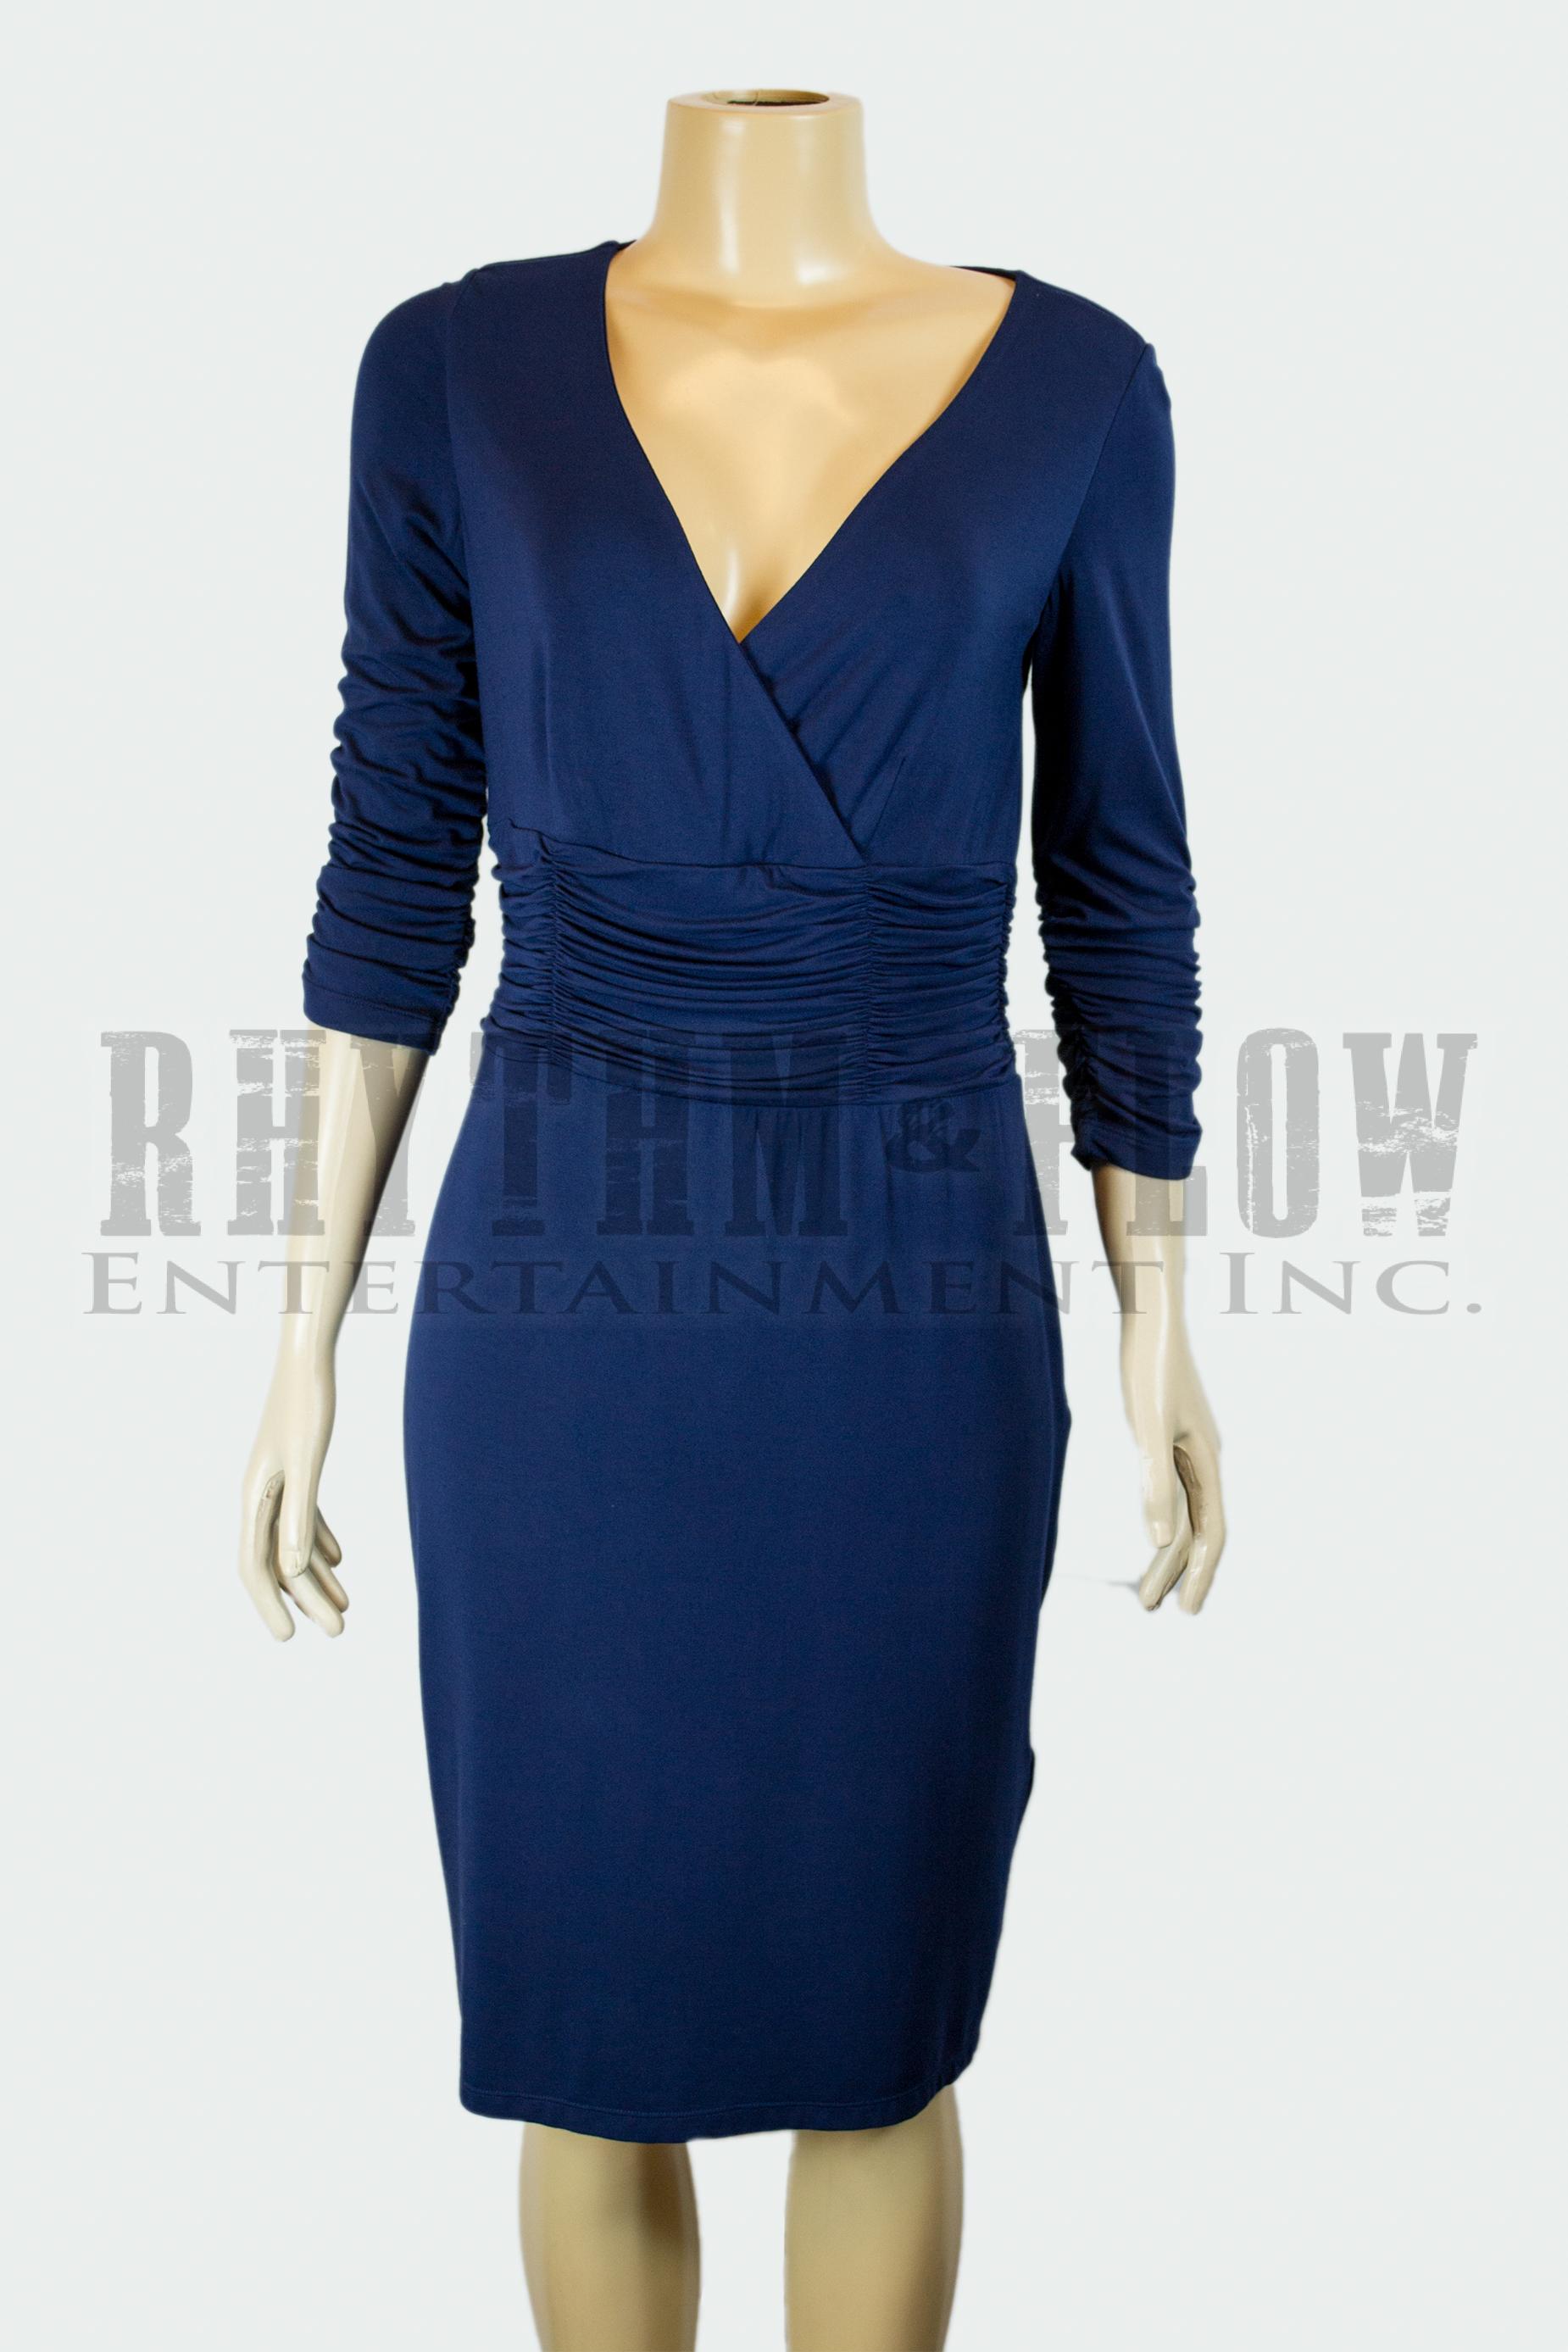 dress22.jpg